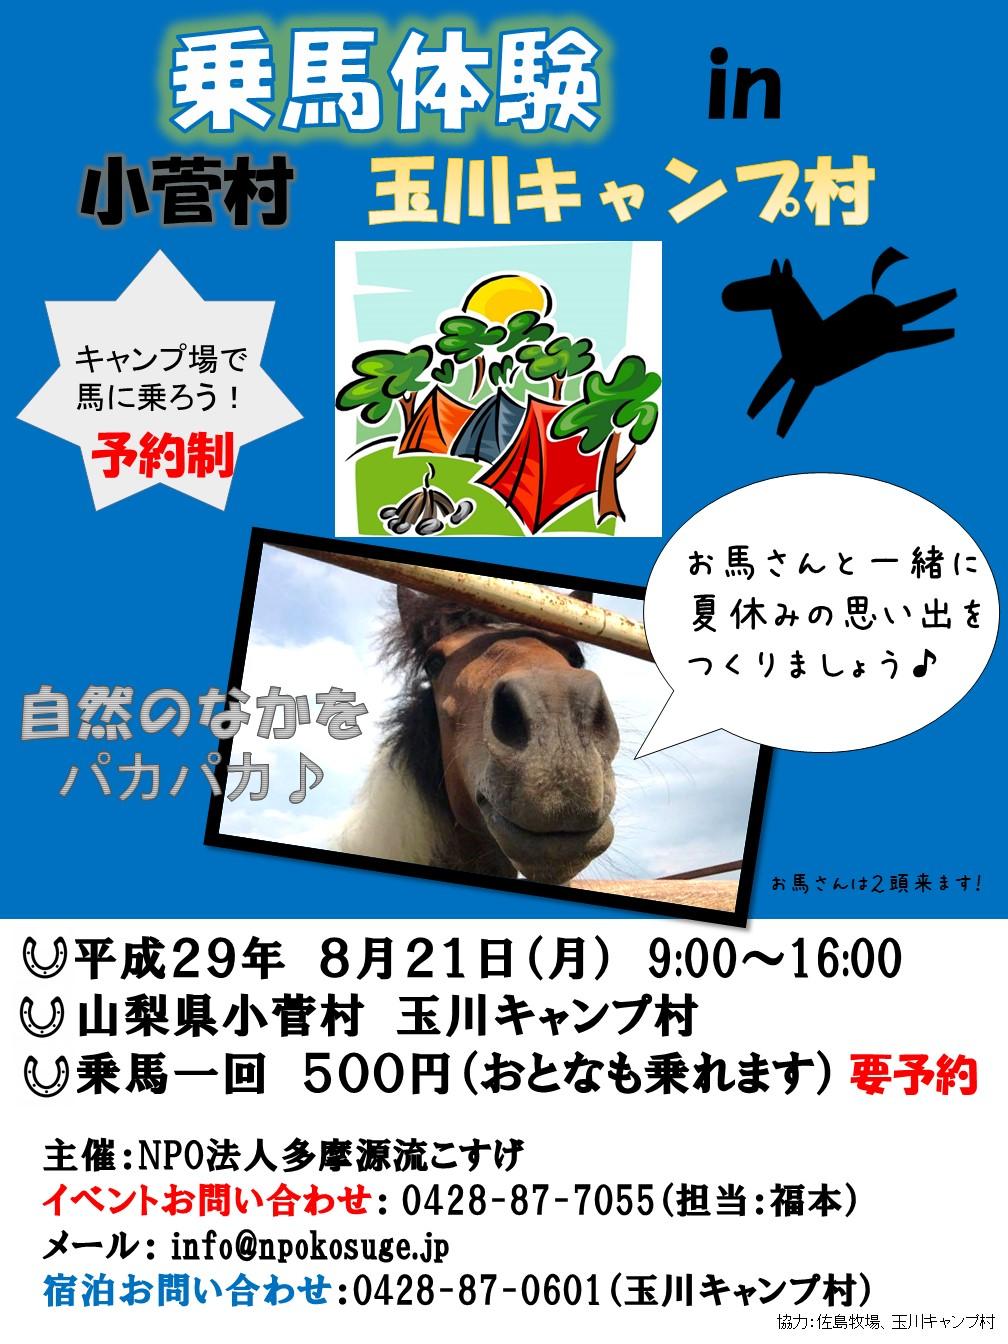 【8月21日(月)募集!乗馬体験@玉川キャンプ村】